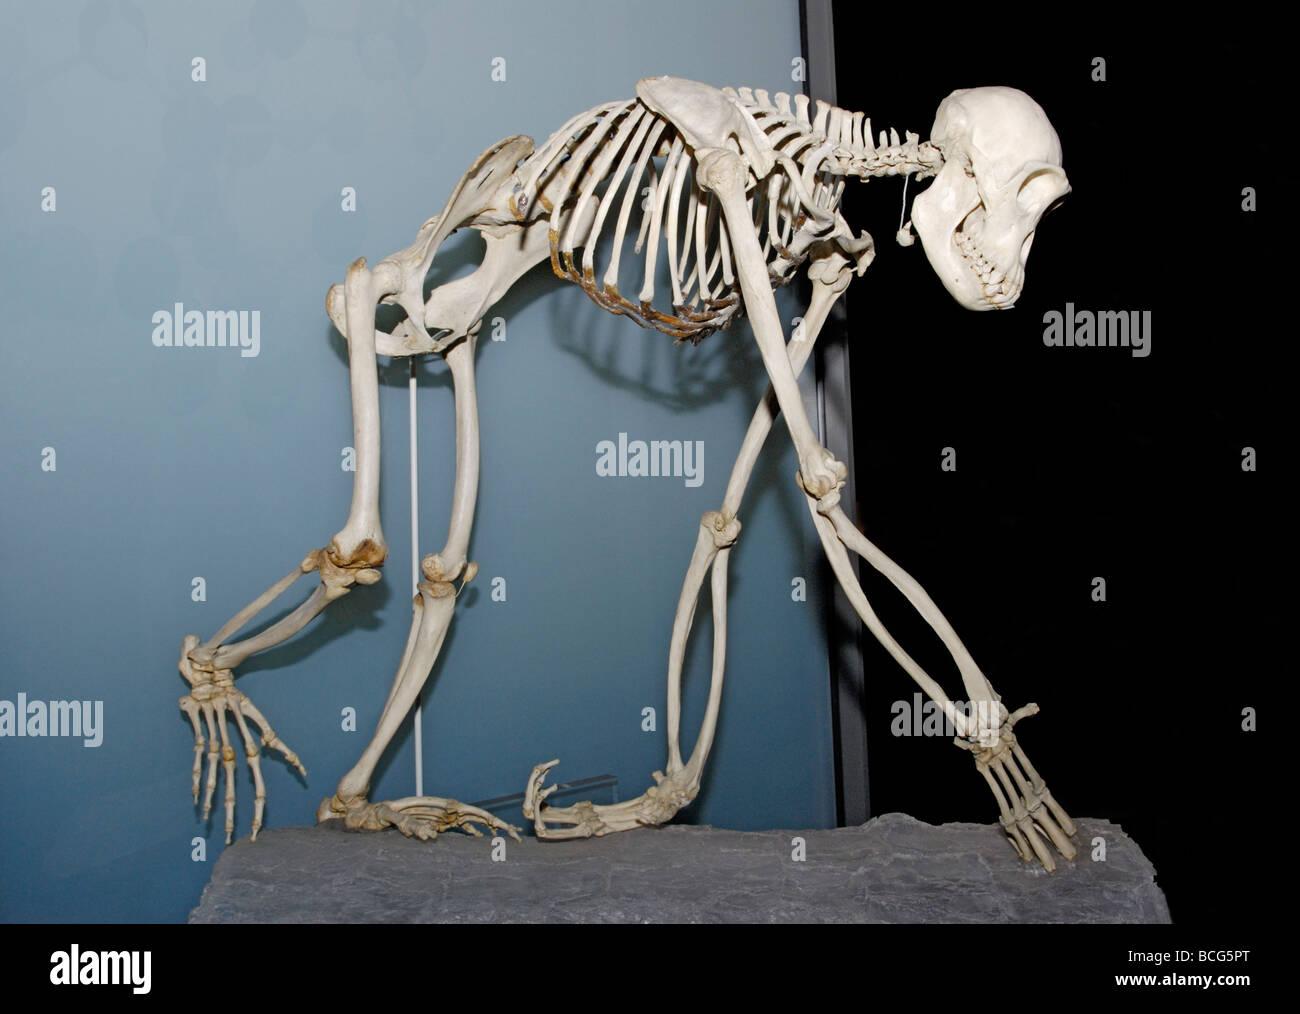 Skelett des gemeinsamen Schimpansen Pan troglodytes Stockbild